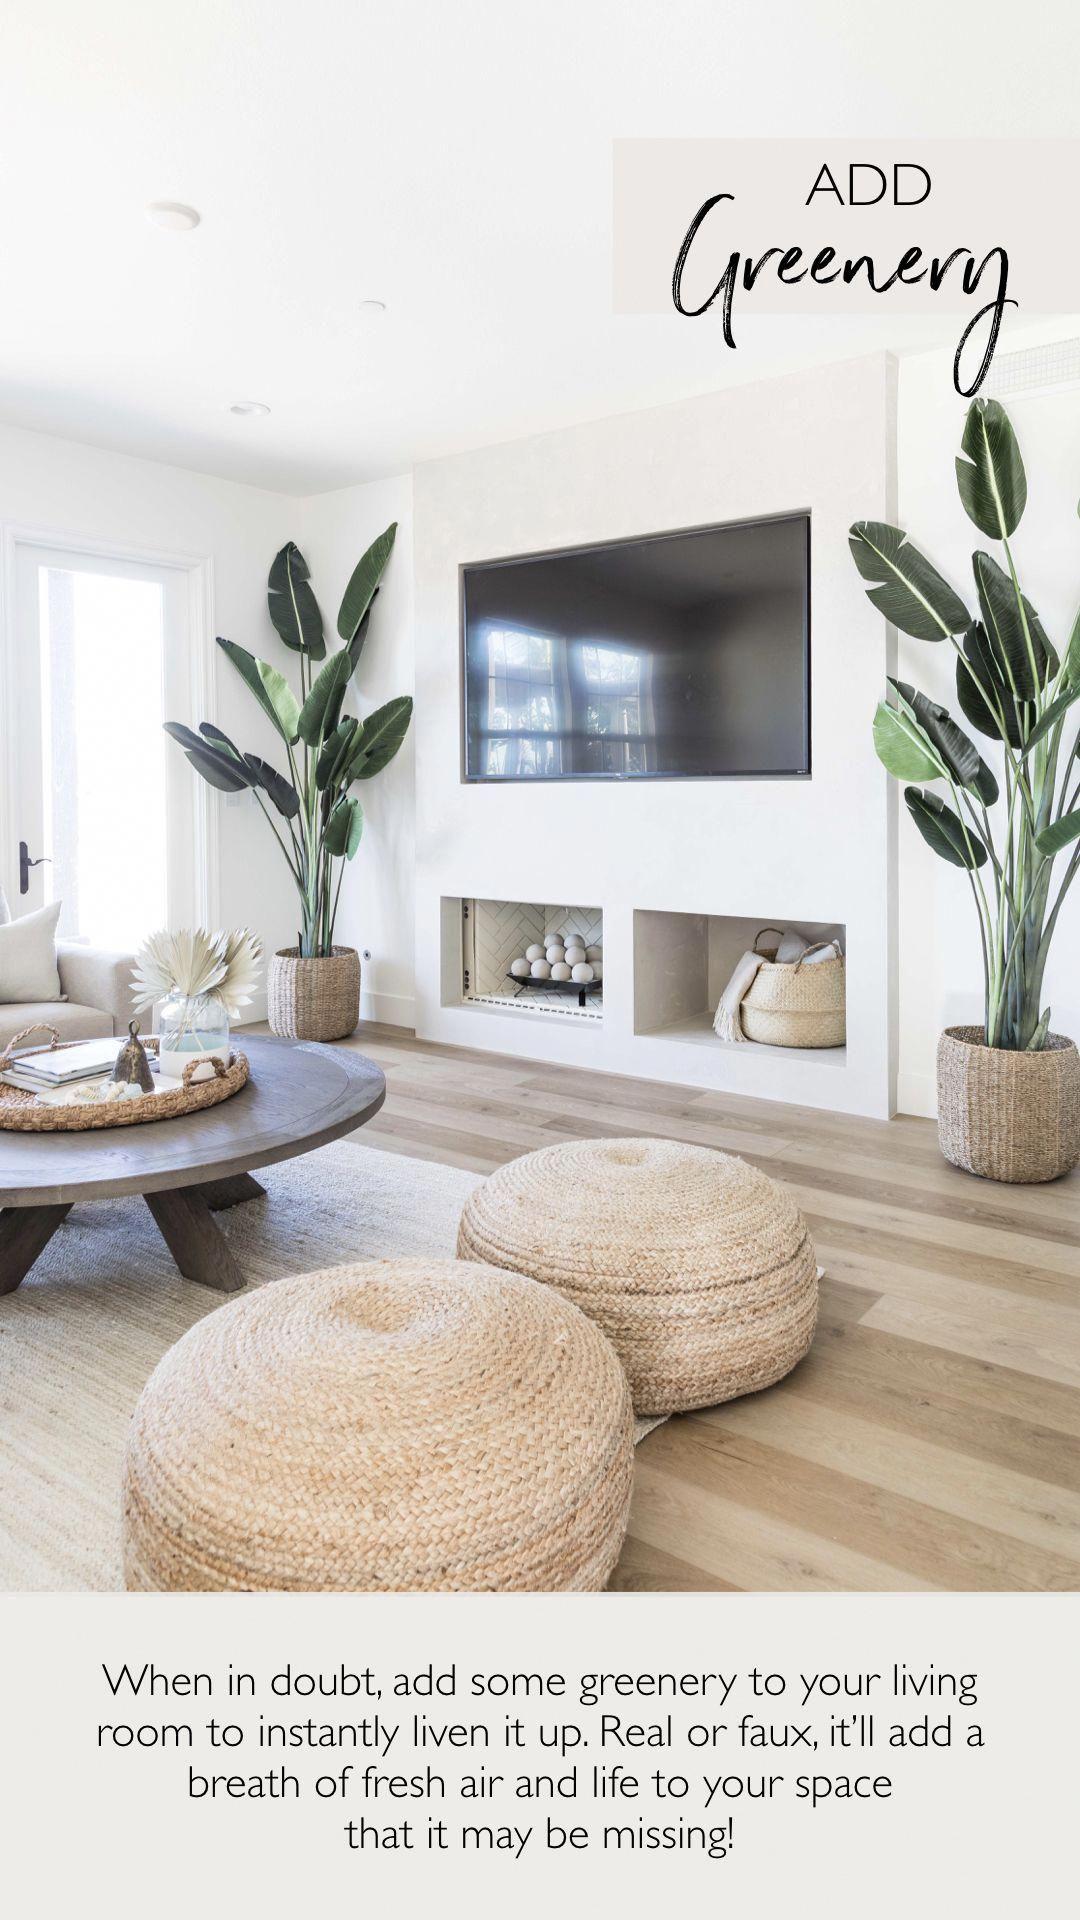 Living Room Essentials | INTERIOR DESIGN TIPS AND TRICK | #DesignTips #InteriorDesign #InteriorDesignTips #Tips #DecorTips #DesignGuide #InteriorDesignGuide #HomeDecor #livingroomessentials #ModernHomeDecor